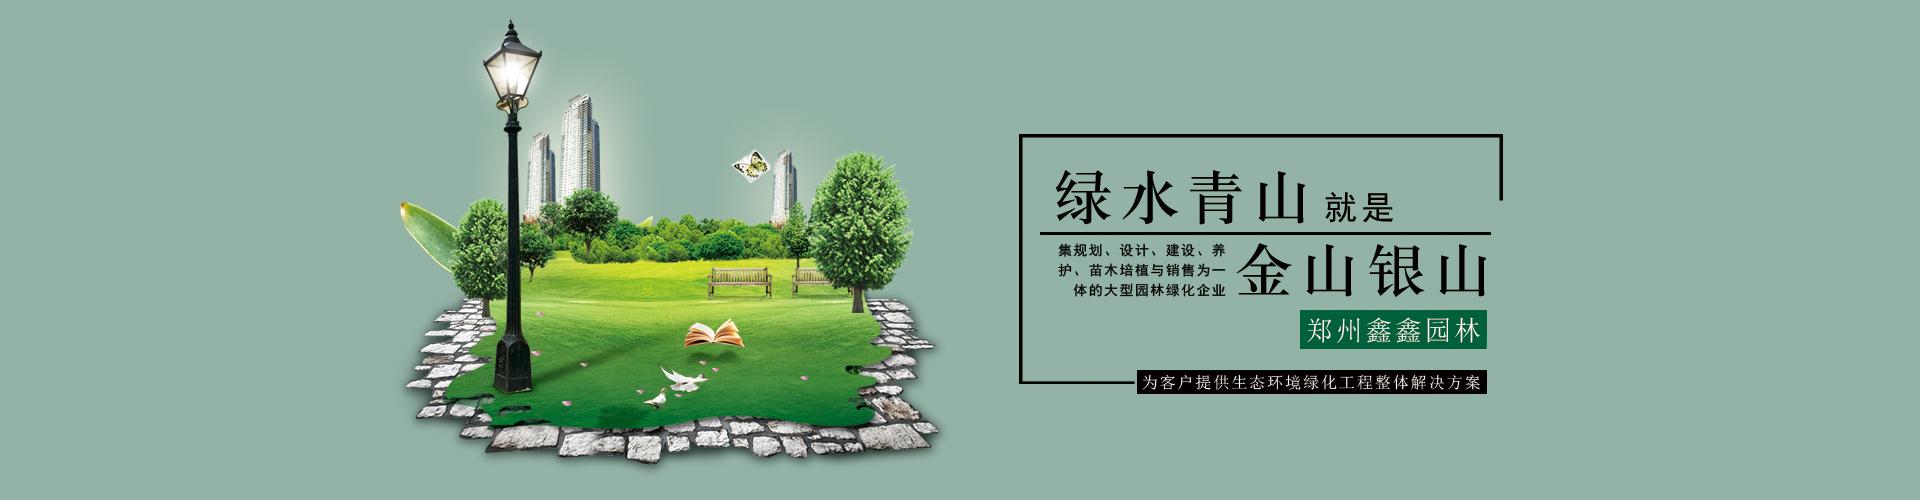 鑫鑫园林,市政,工程